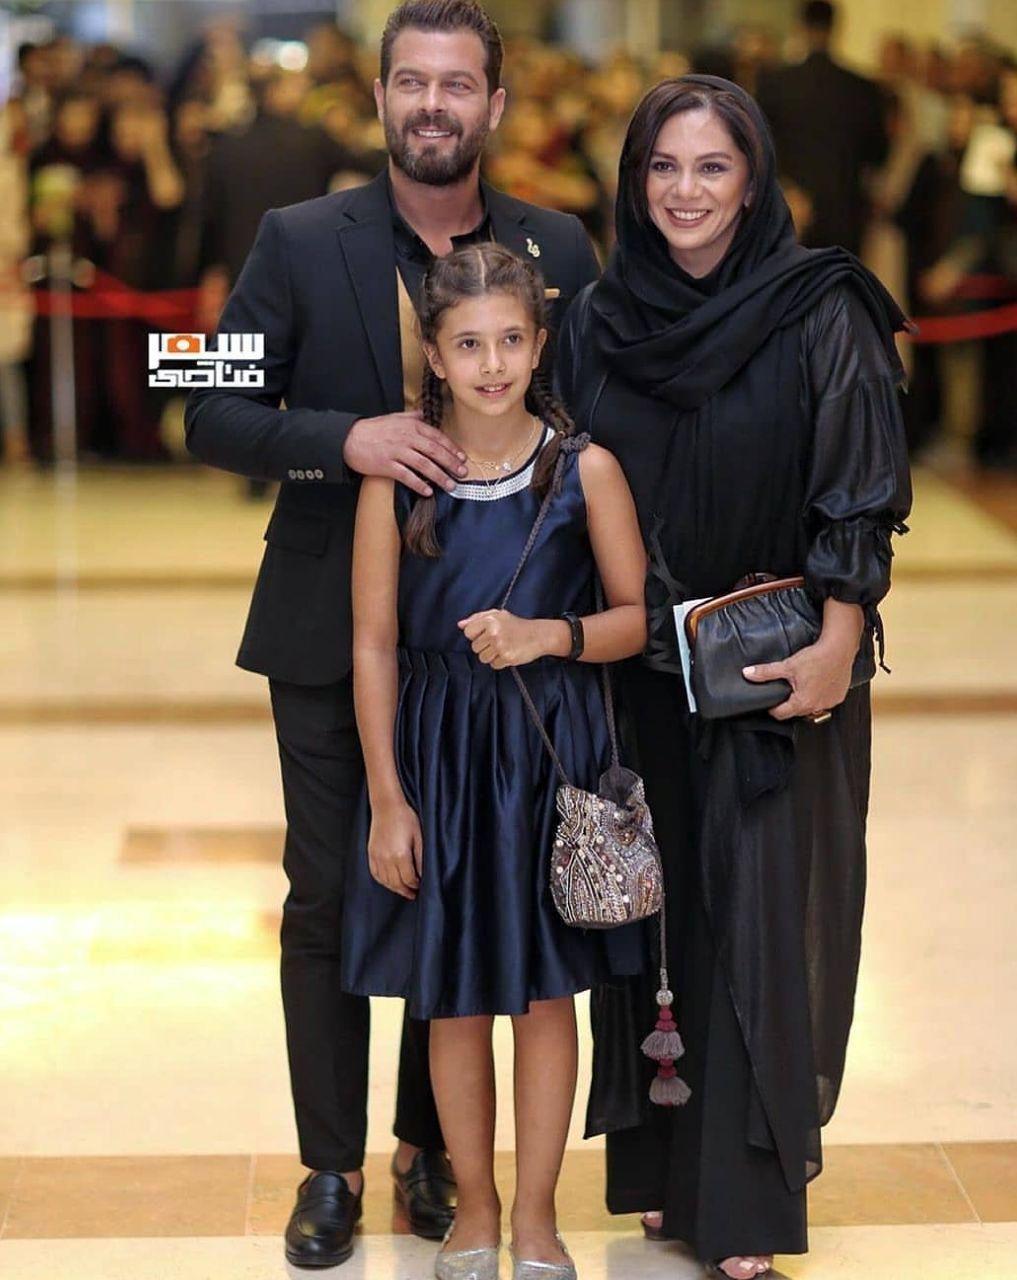 پژمان بازغی و خانواده اش در جشن حافظ (عکس)